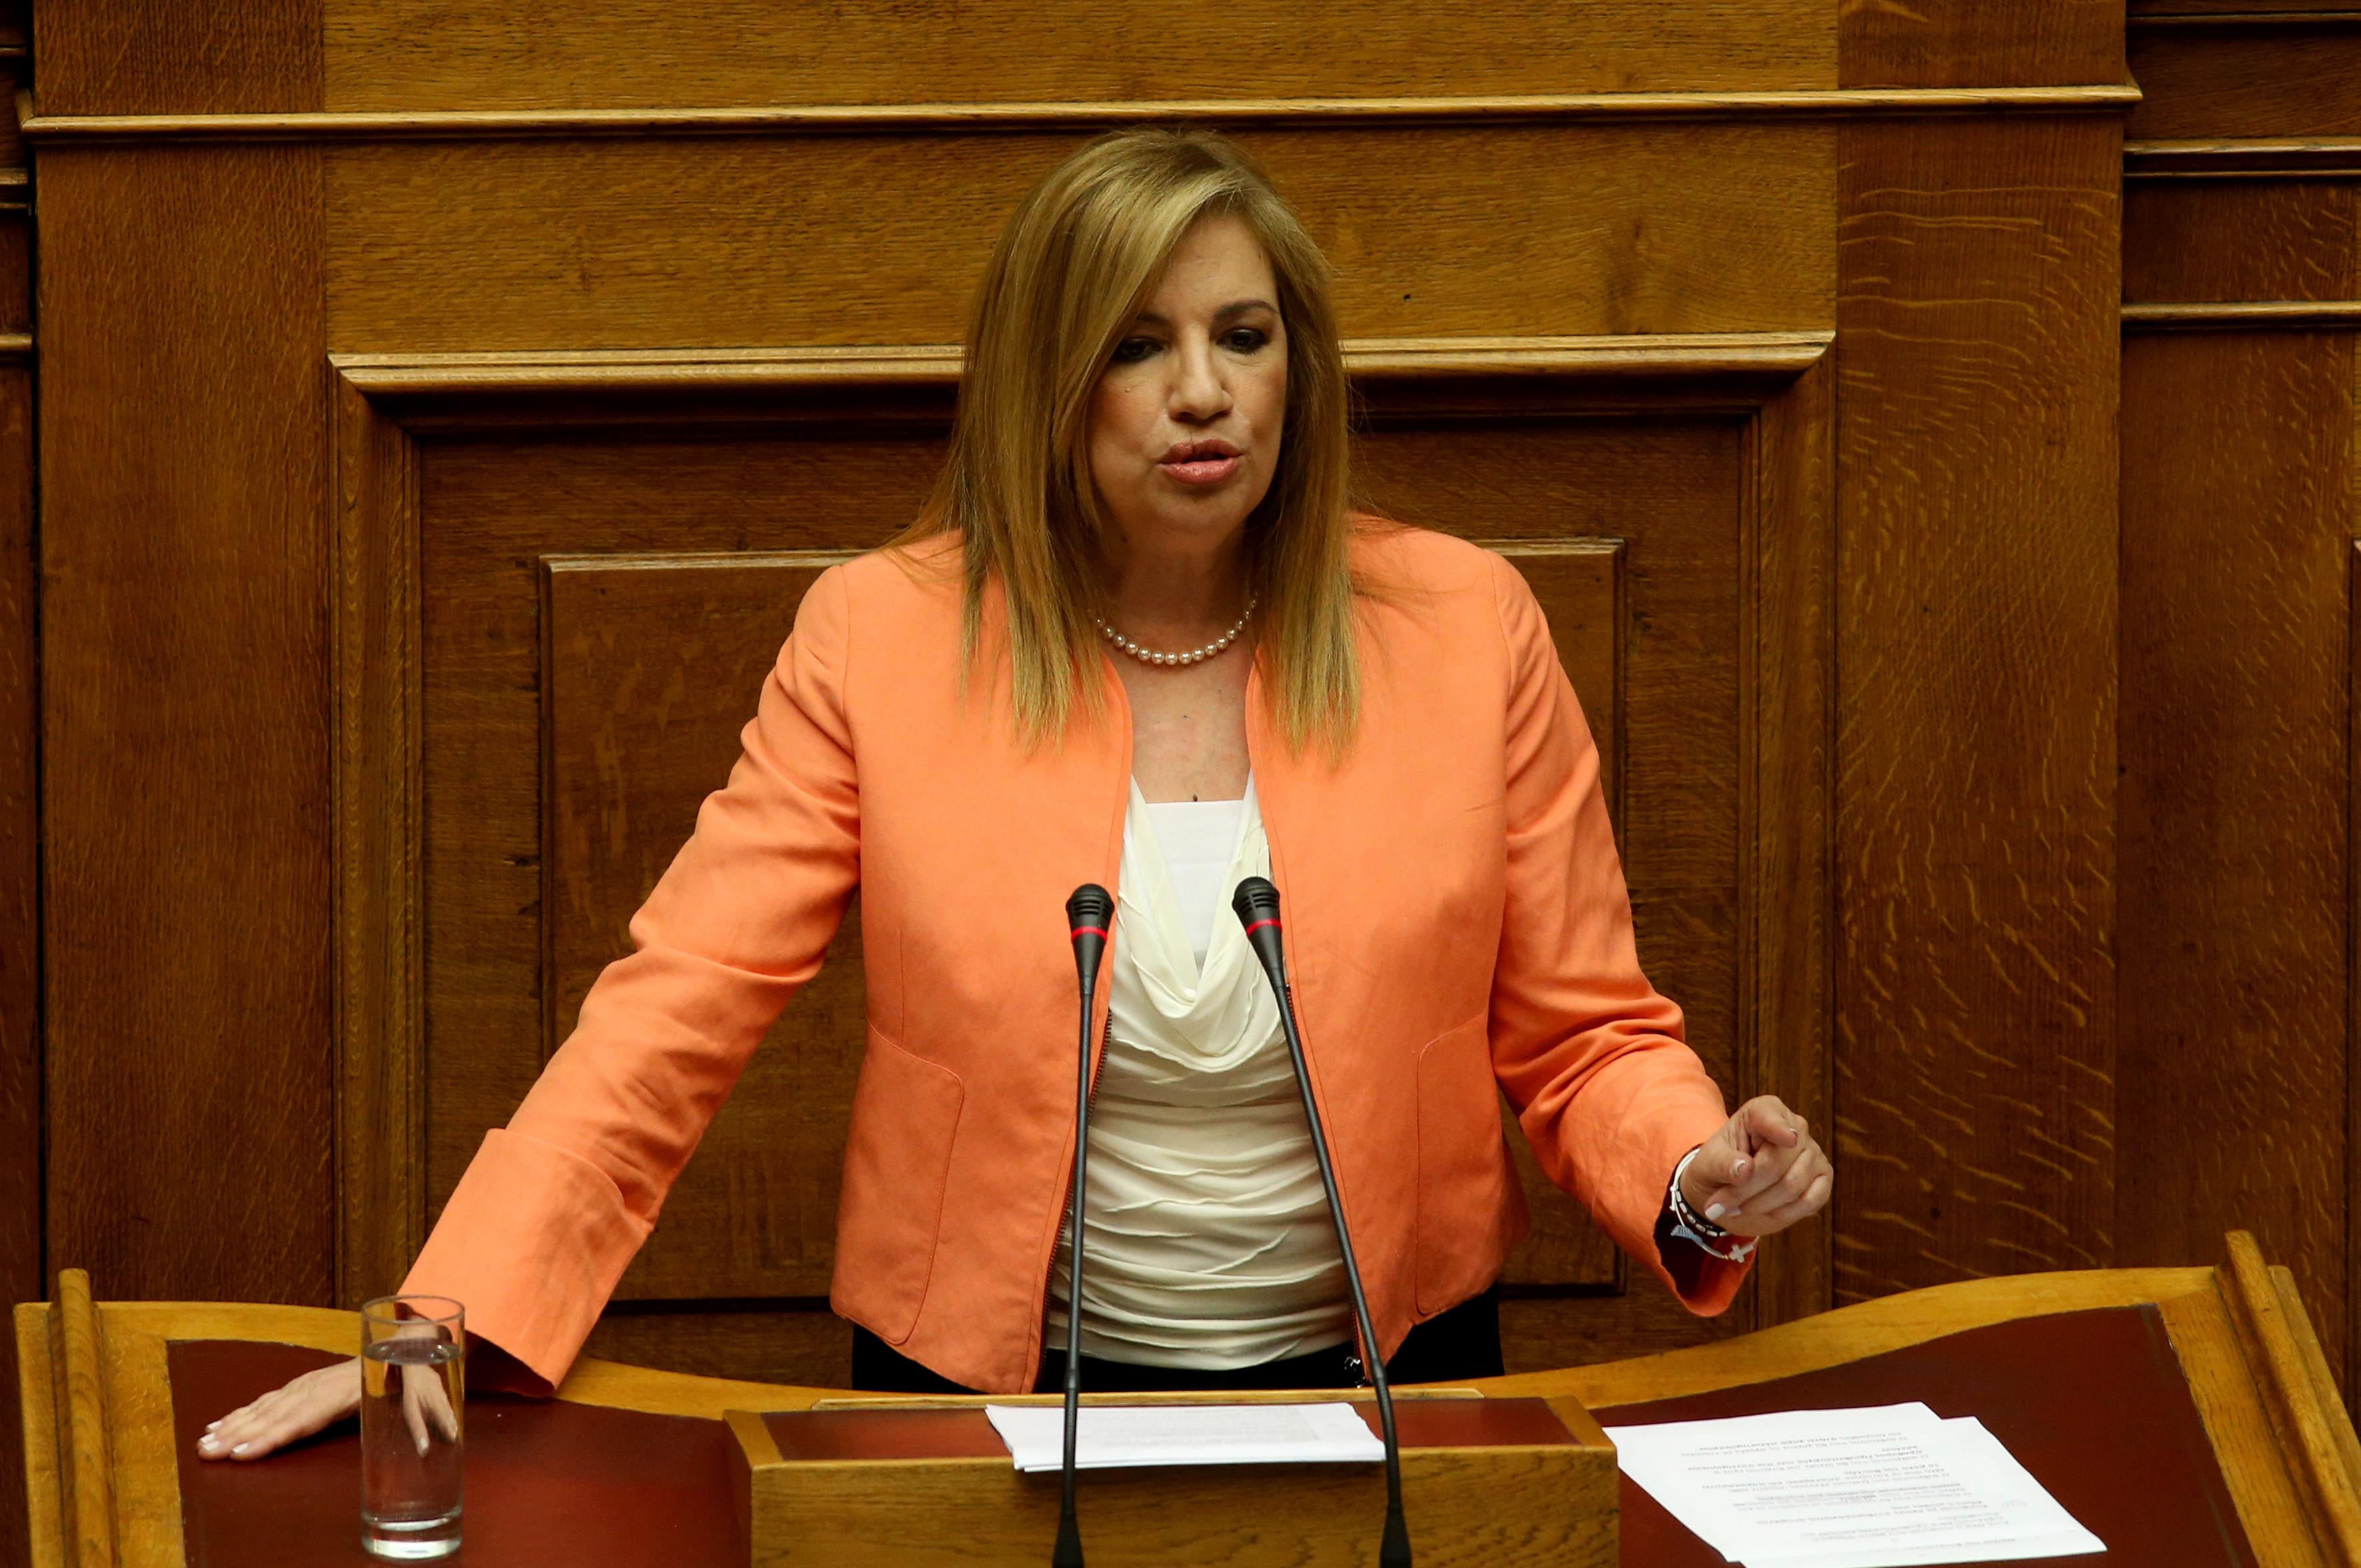 Οι 20 προτάσεις του ΠαΣοΚ για την επιτάχυνση της ανάπτυξης   tovima.gr